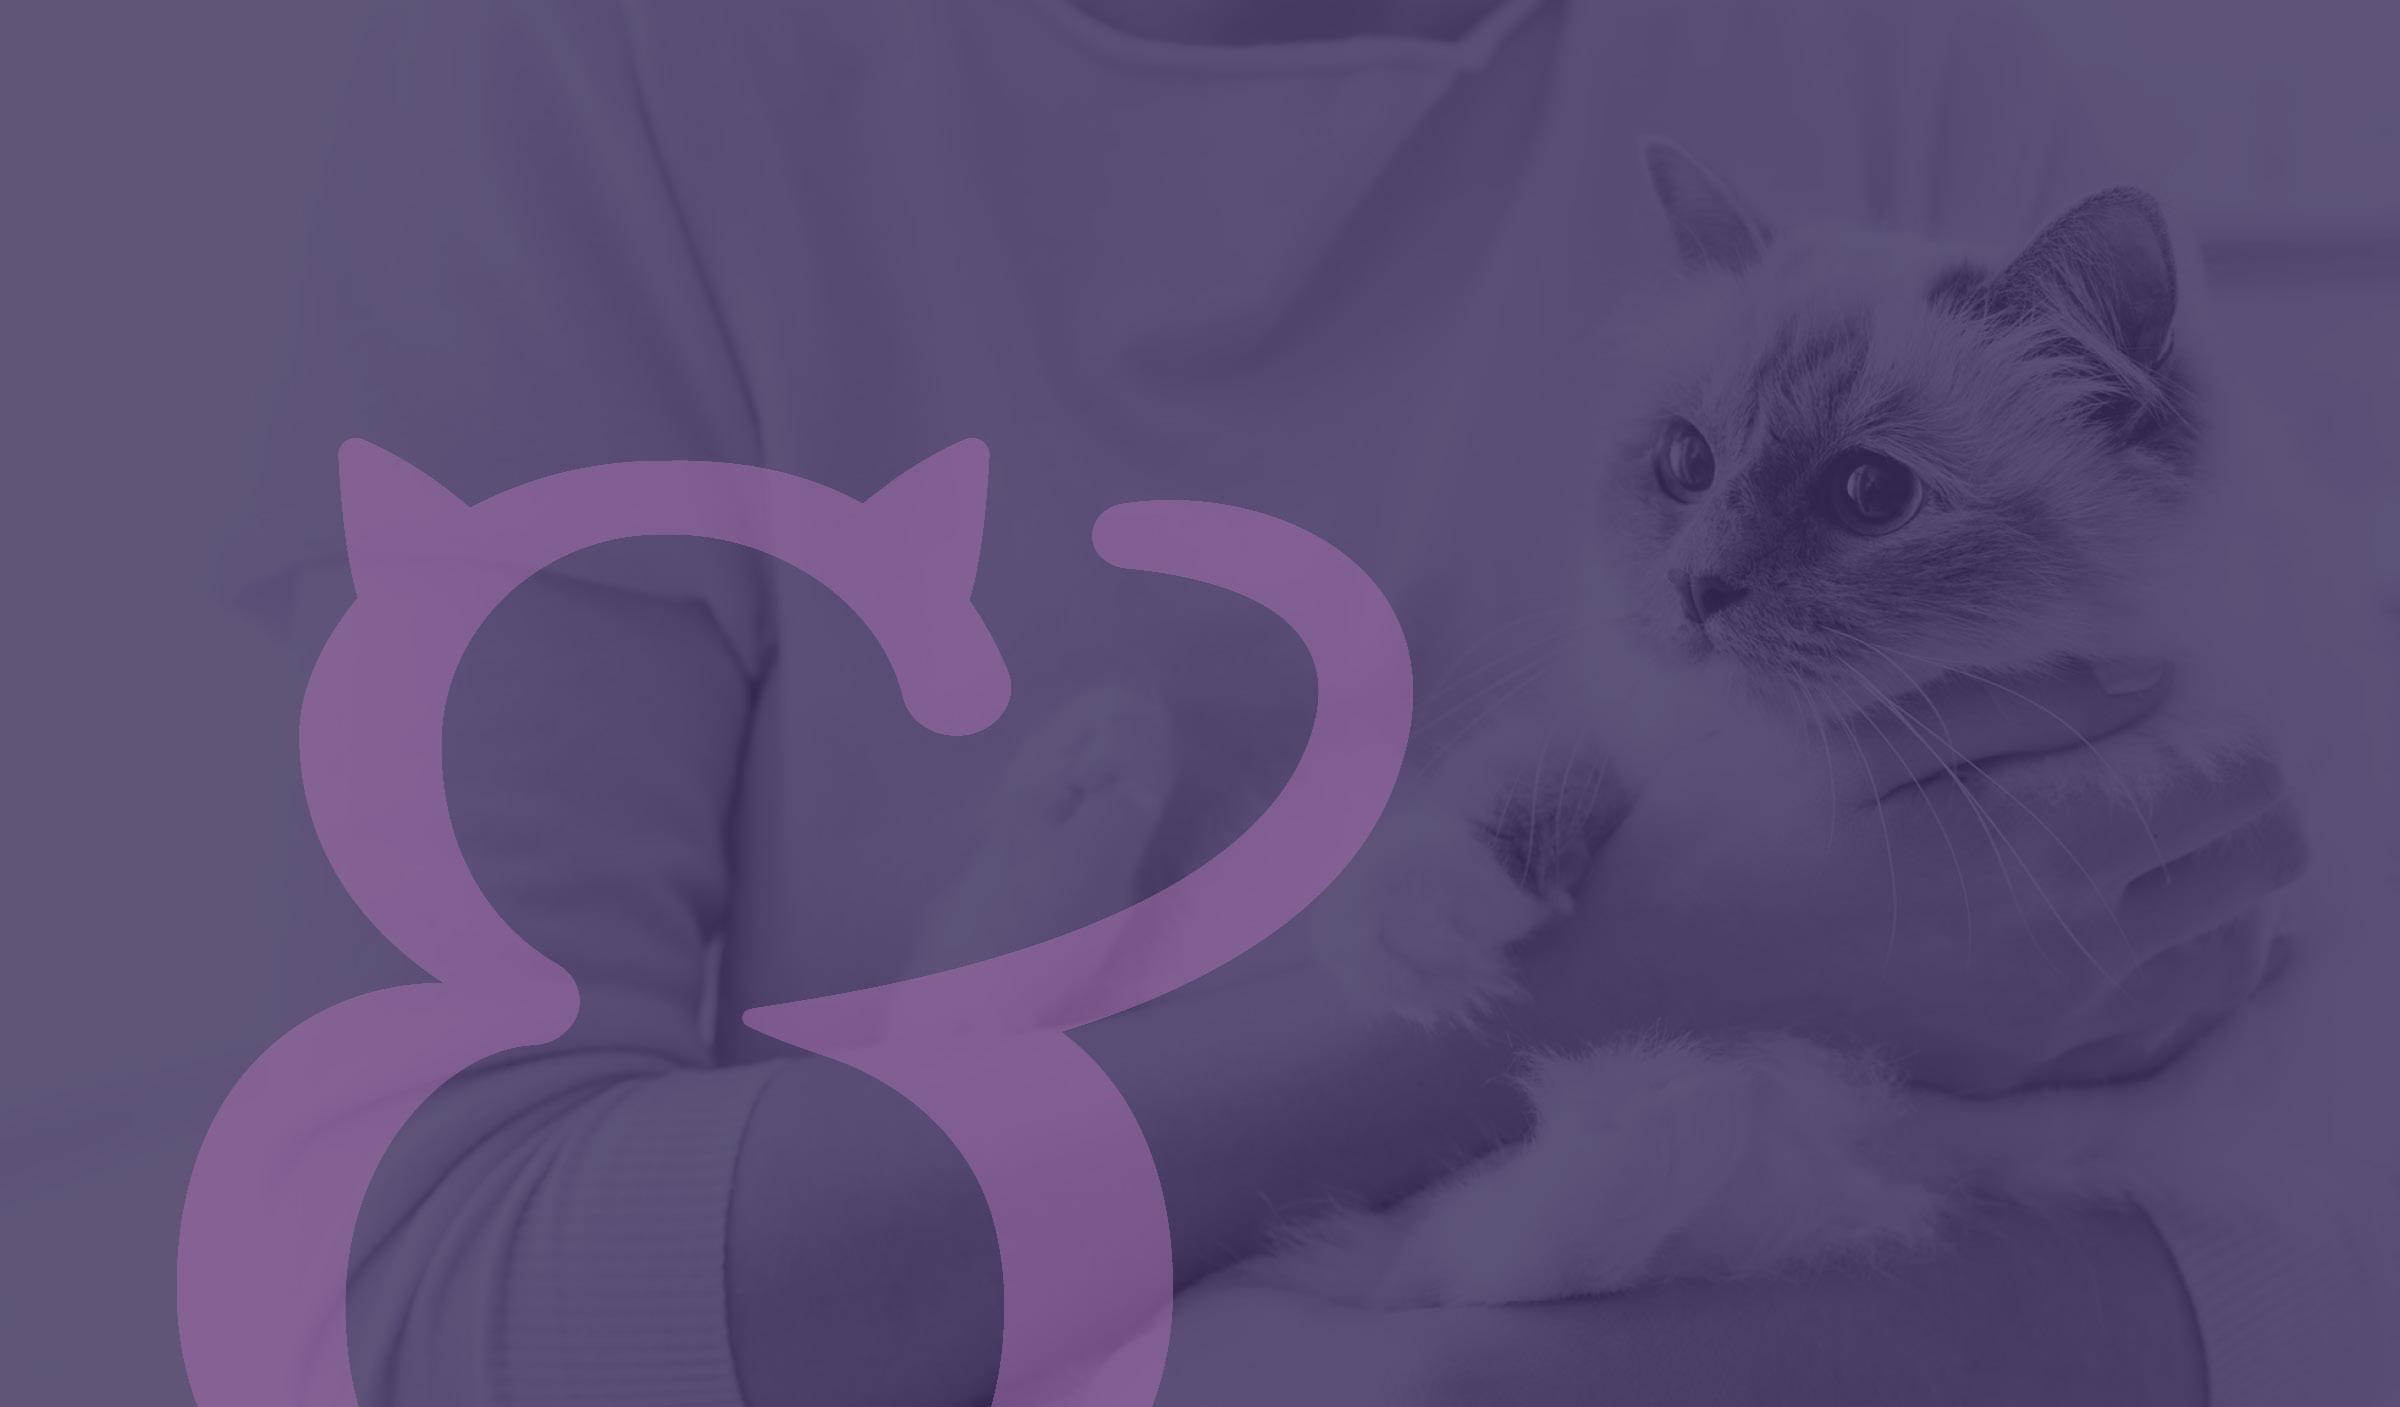 logo design, branding and web design for bristol based cat groomer Preen & Purr